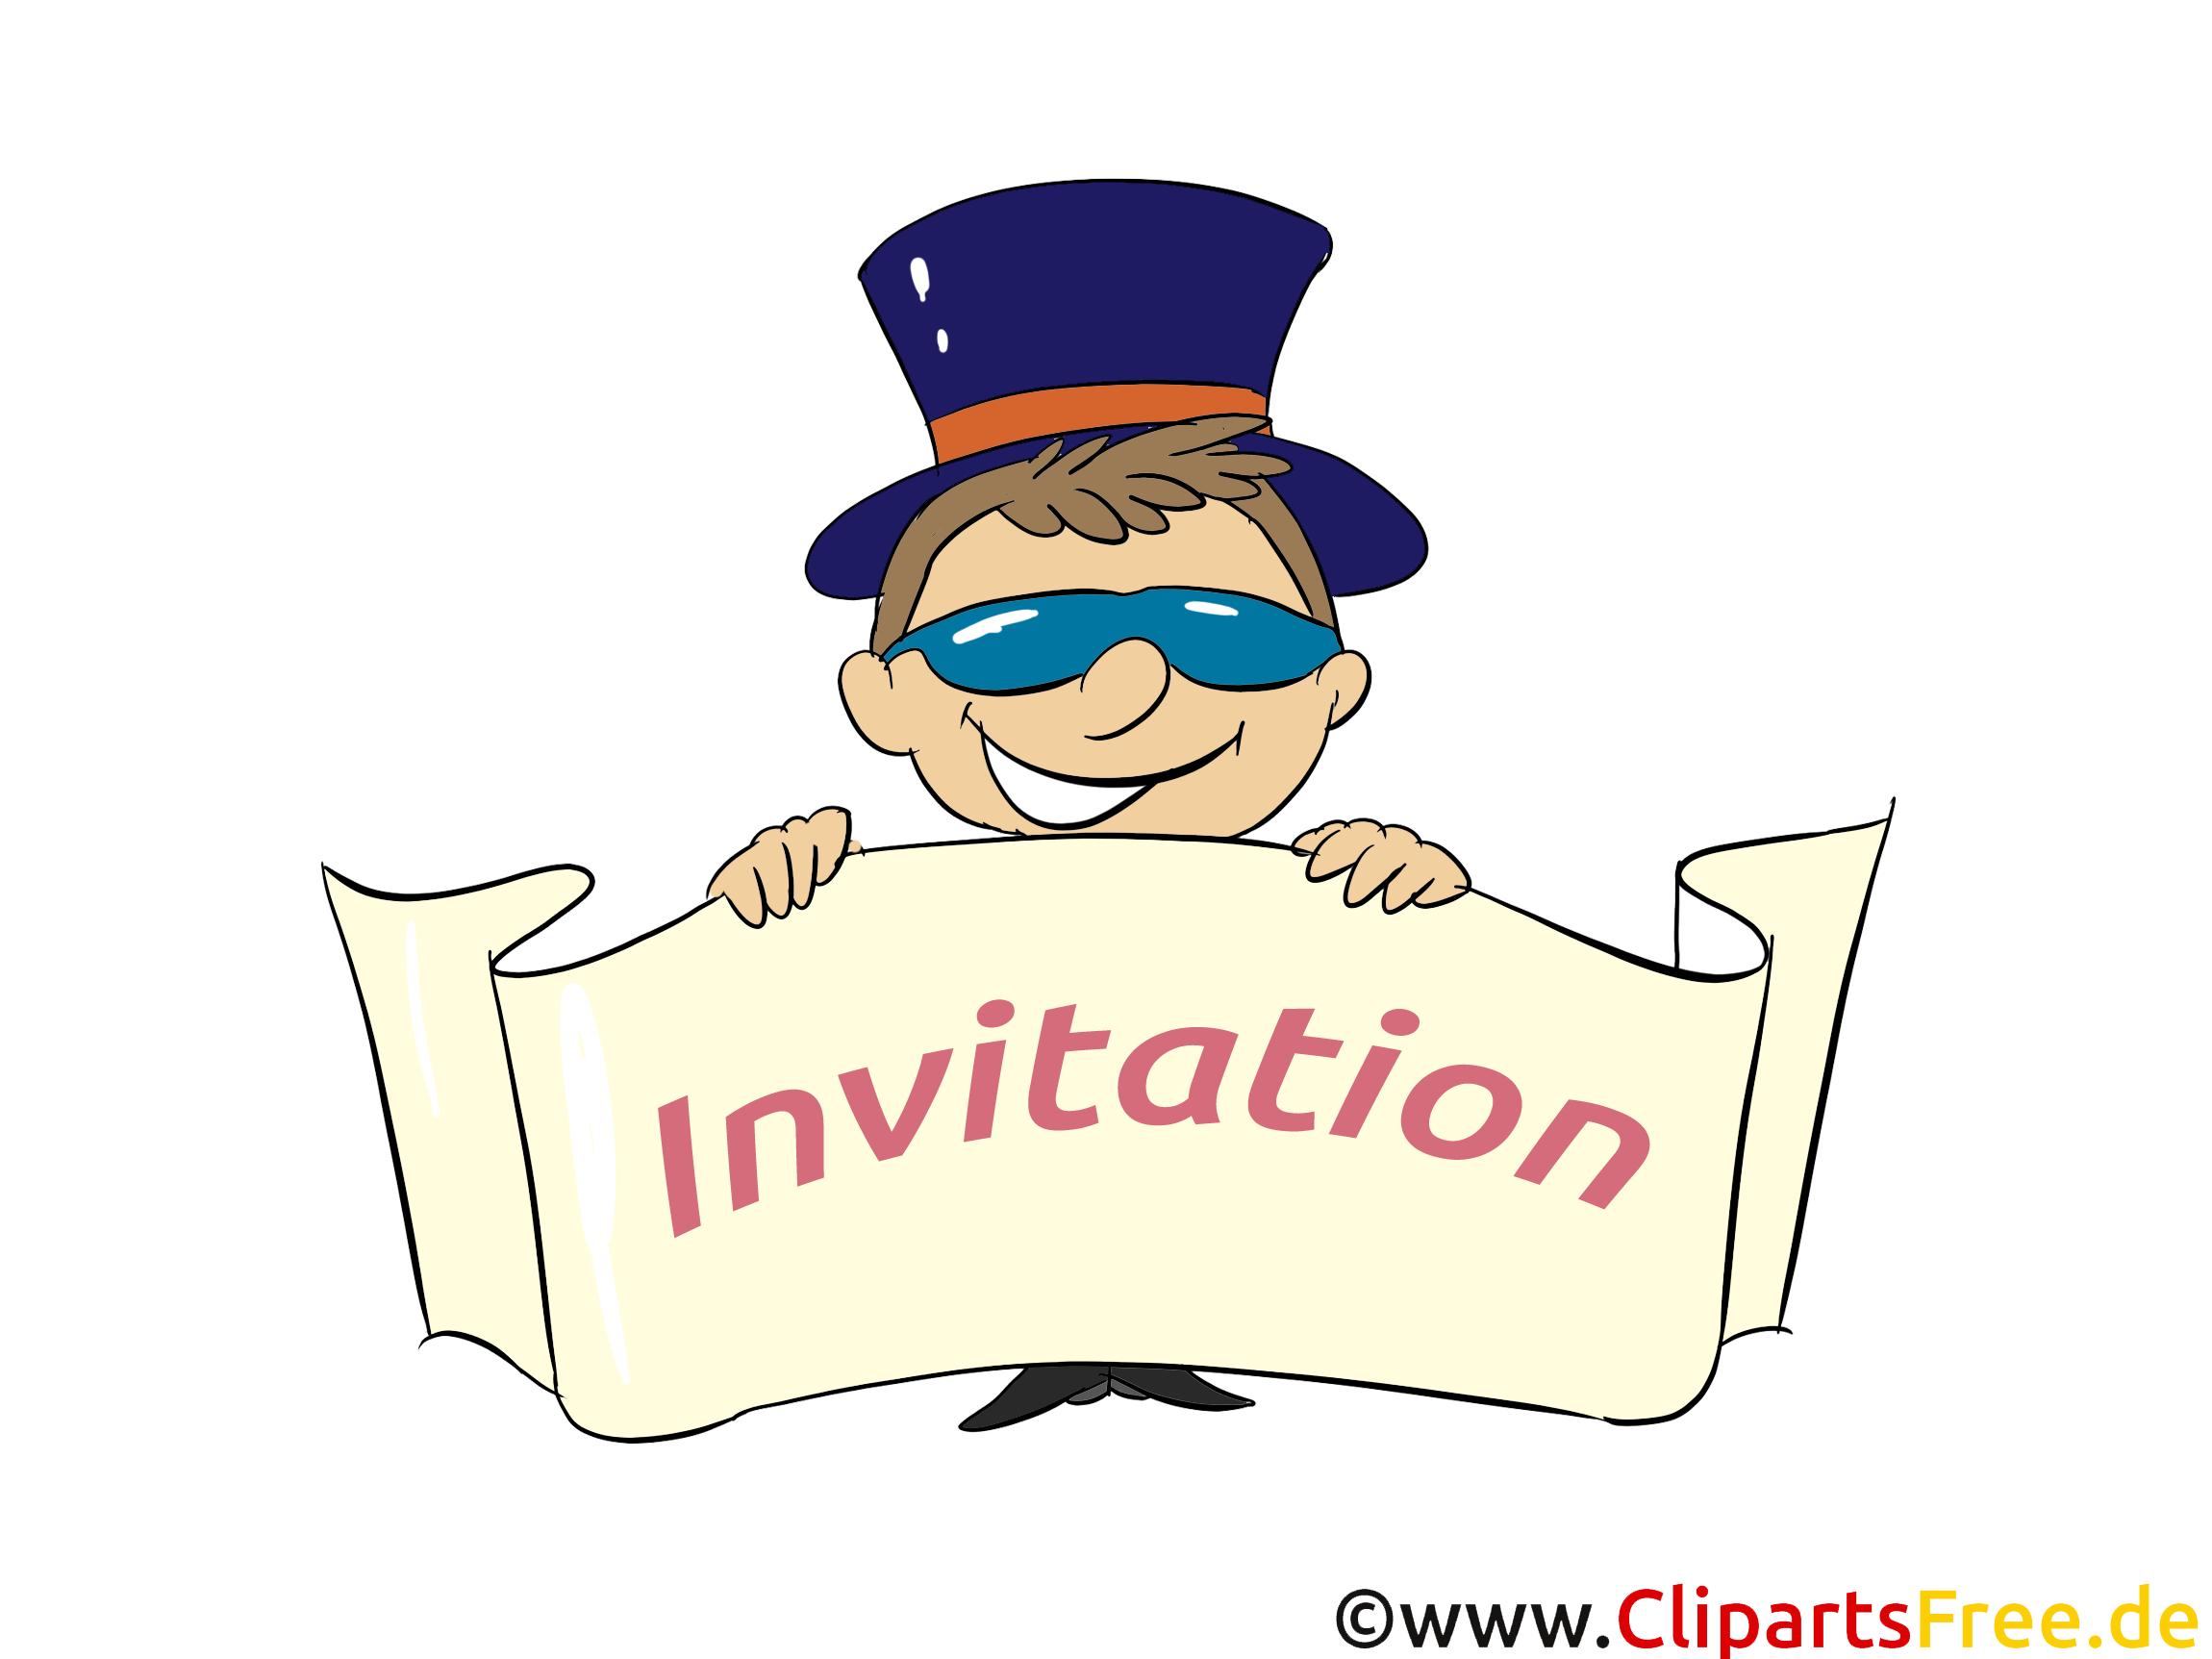 Garçon Invitation illustration à télécharger gratuite